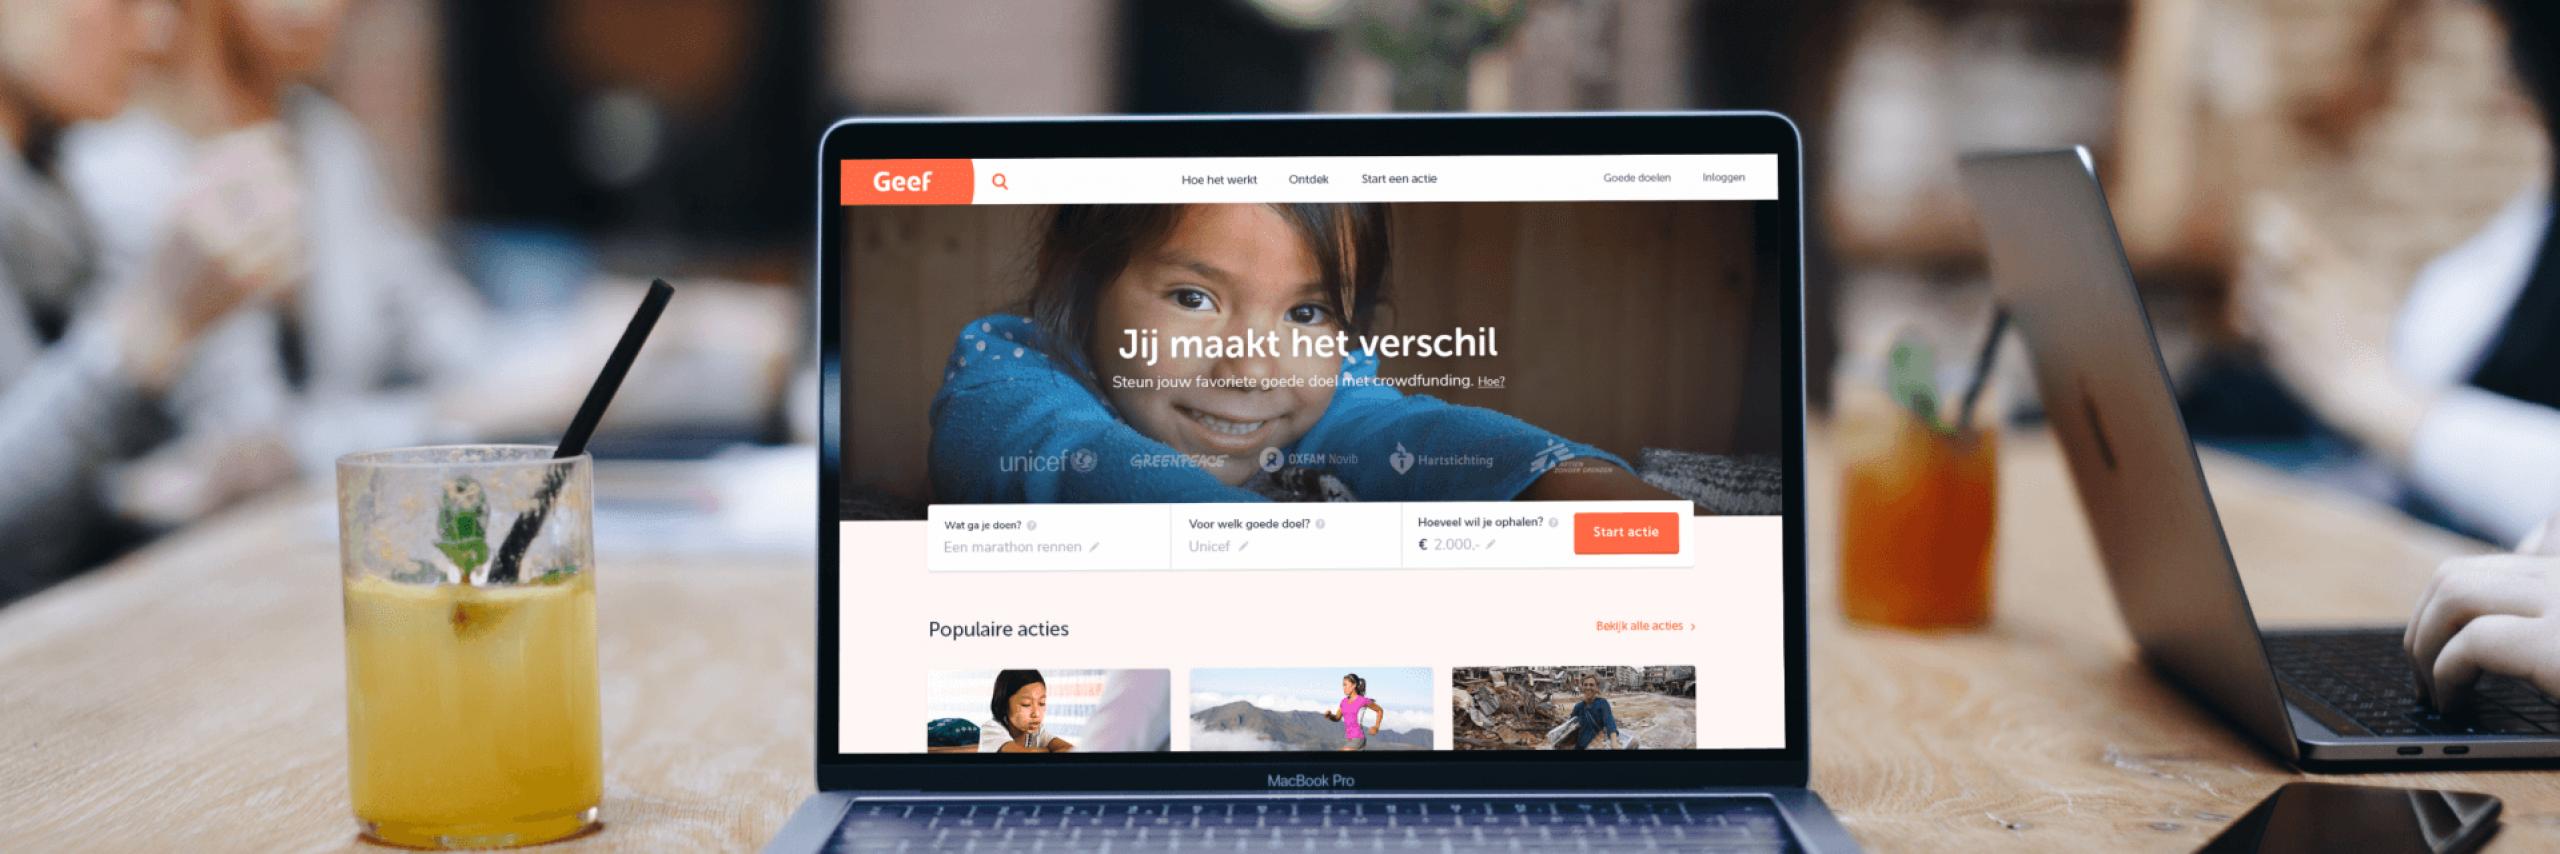 Banner for Heruitvinden van Geef.nl